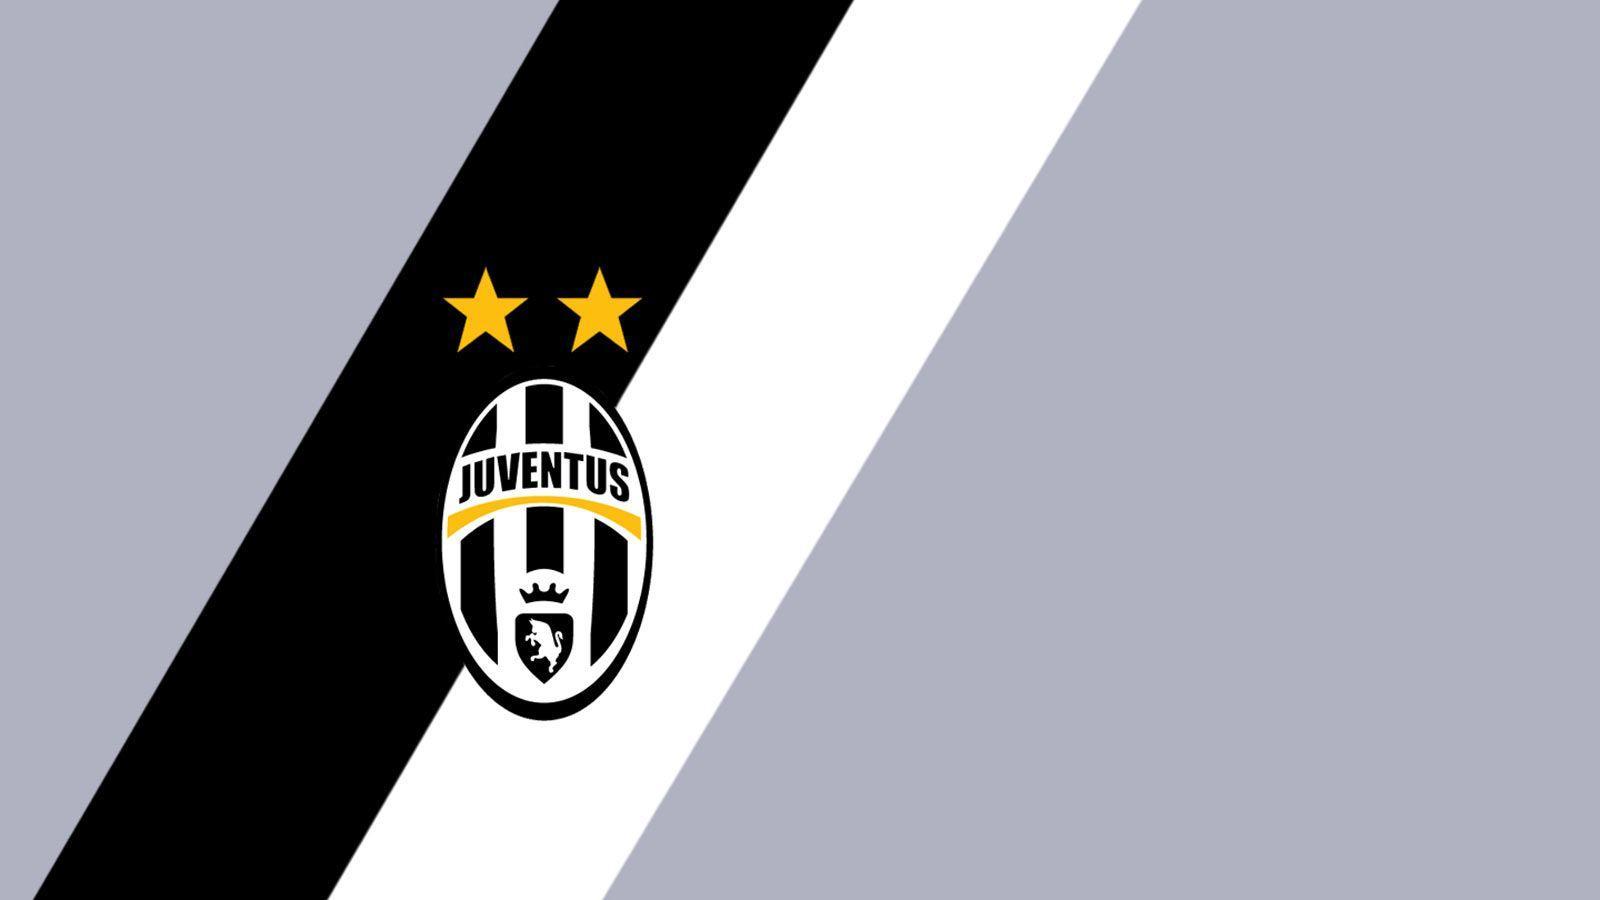 Juventus logo wallpapers wallpaper cave for Sfondi hd juventus